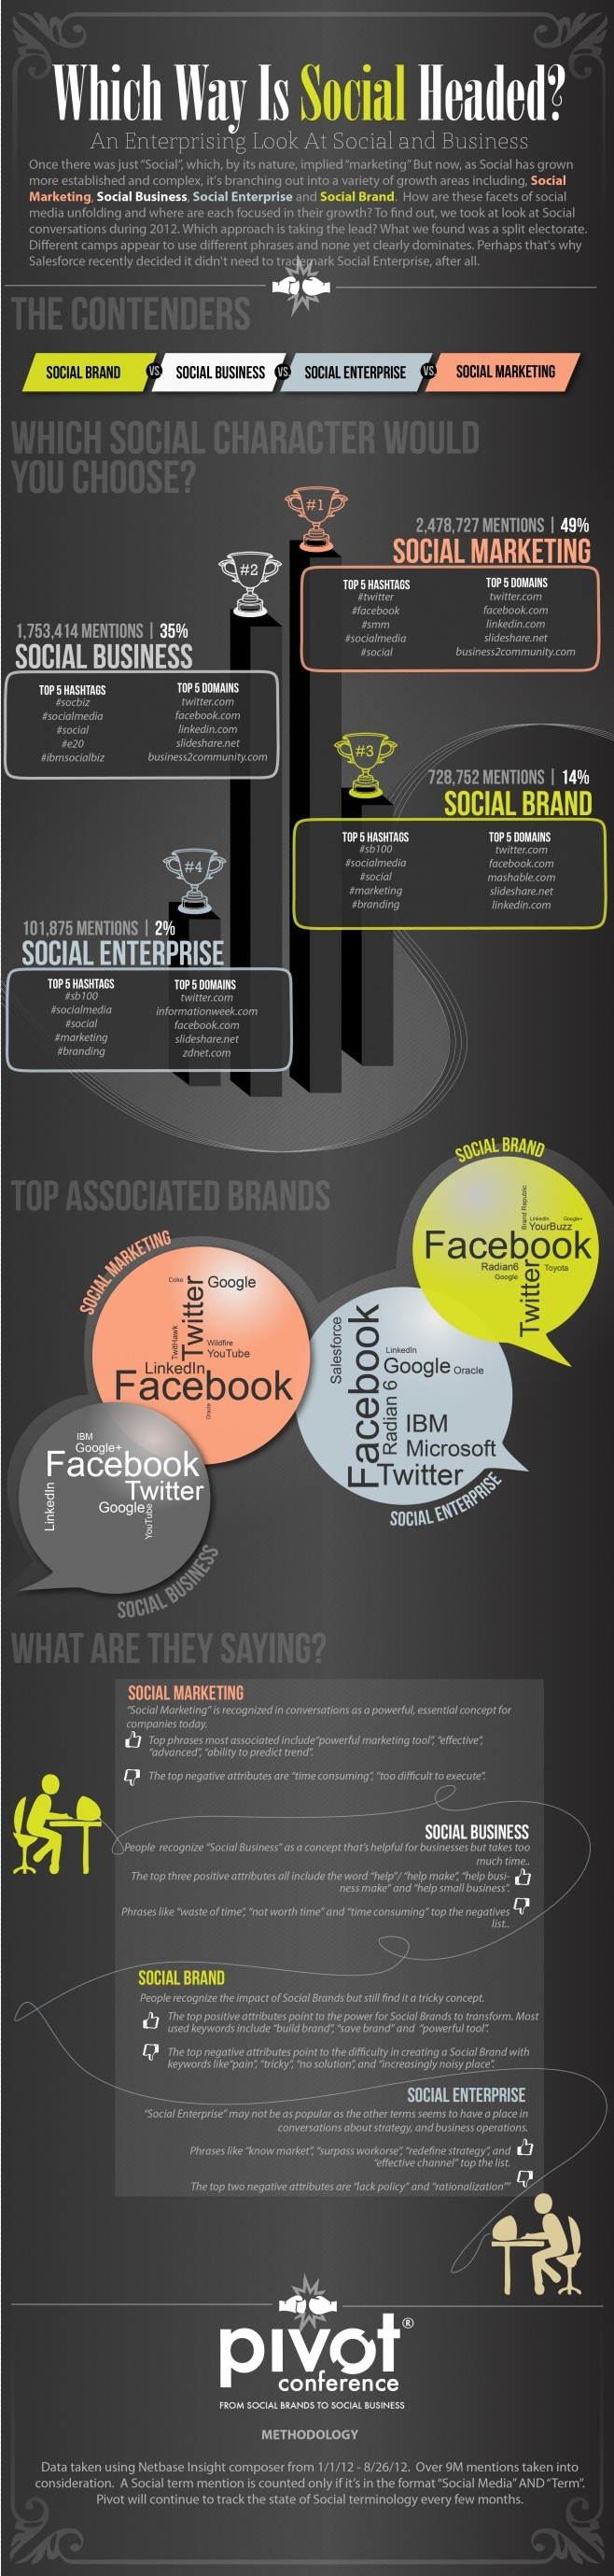 Ahora todo es Social: Social marketing, marcas sociales, ...